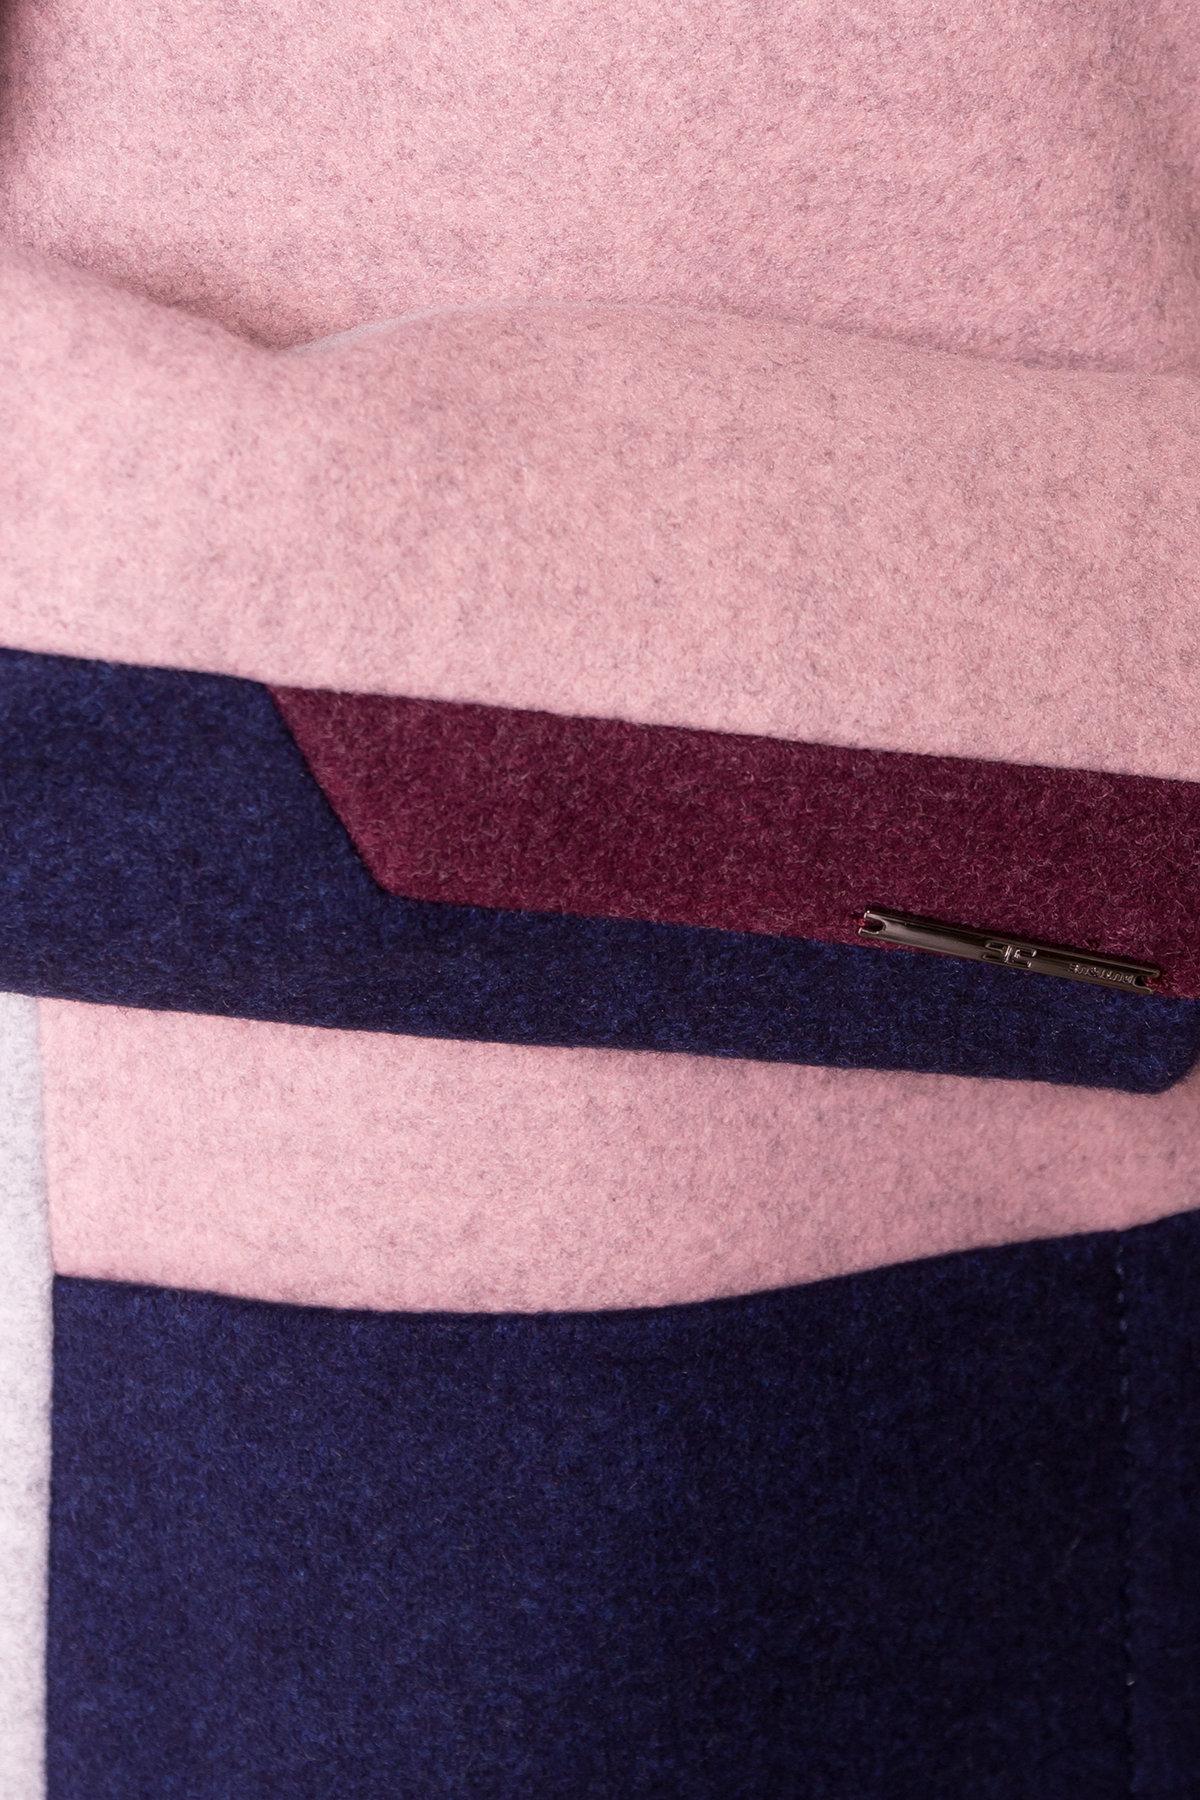 Пальто Пейдж 6183 Цвет: Серый/роз 7/т.синий 17